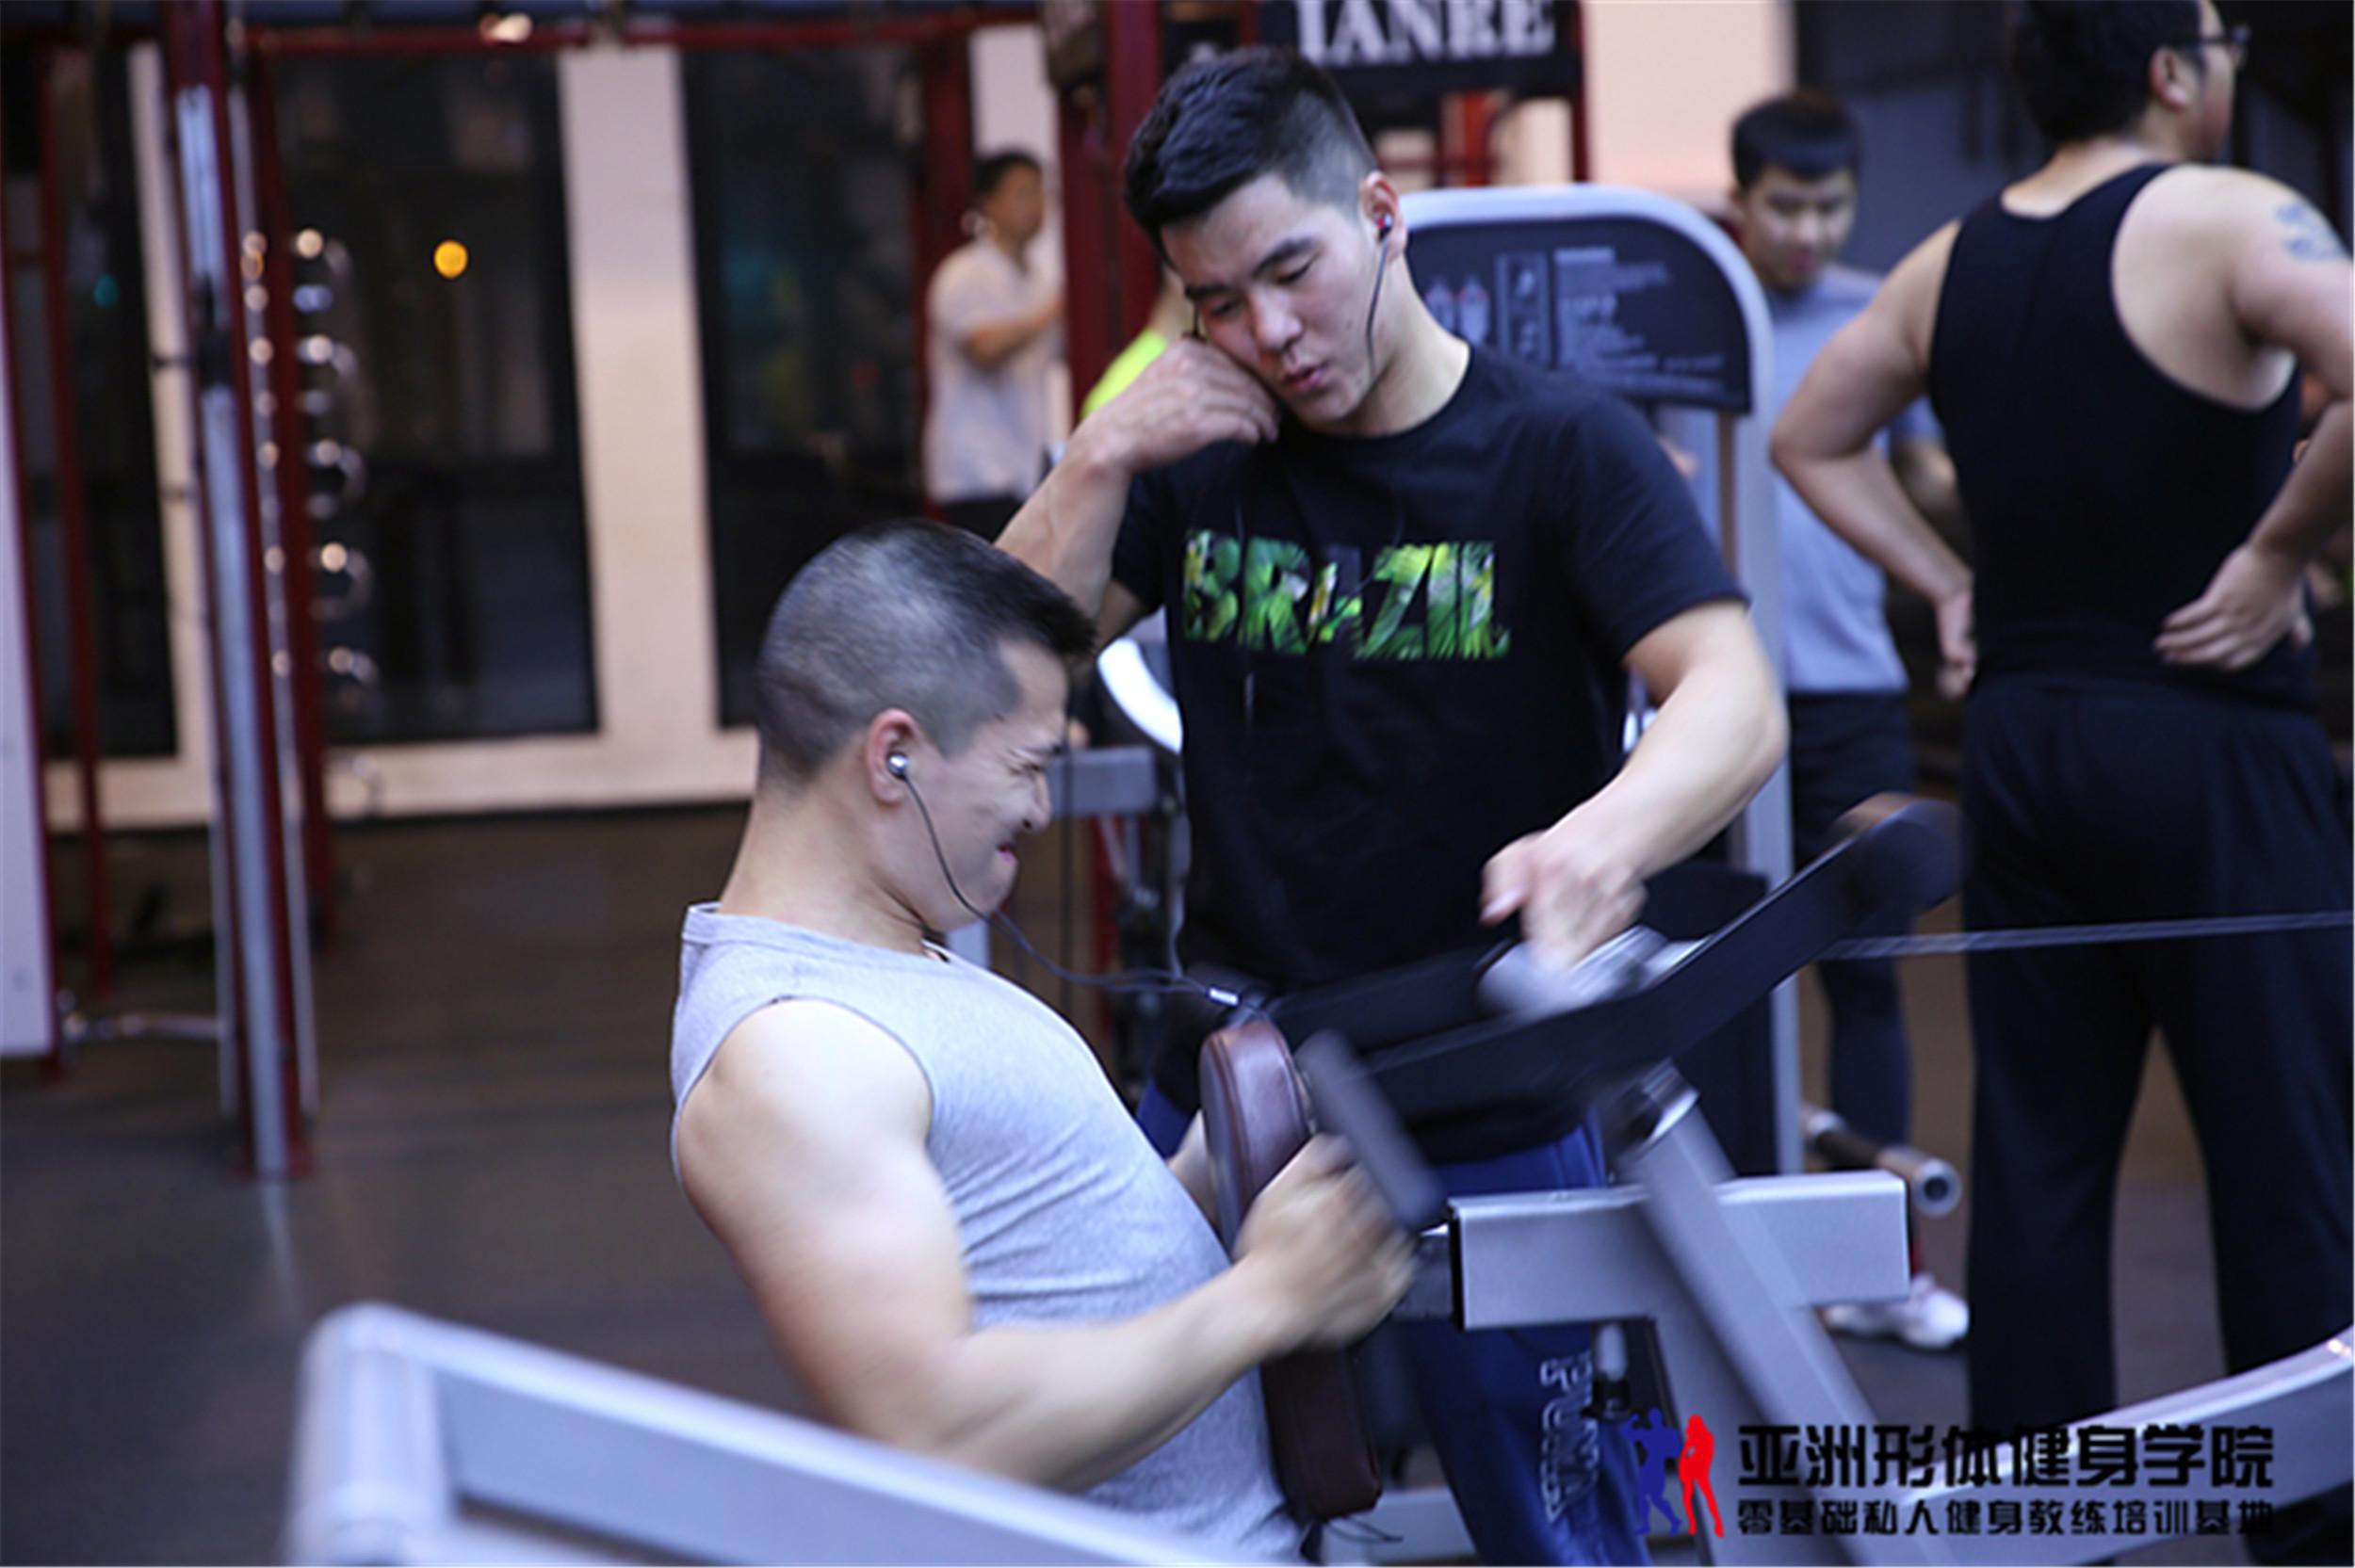 健身房对健身教练的基本要求